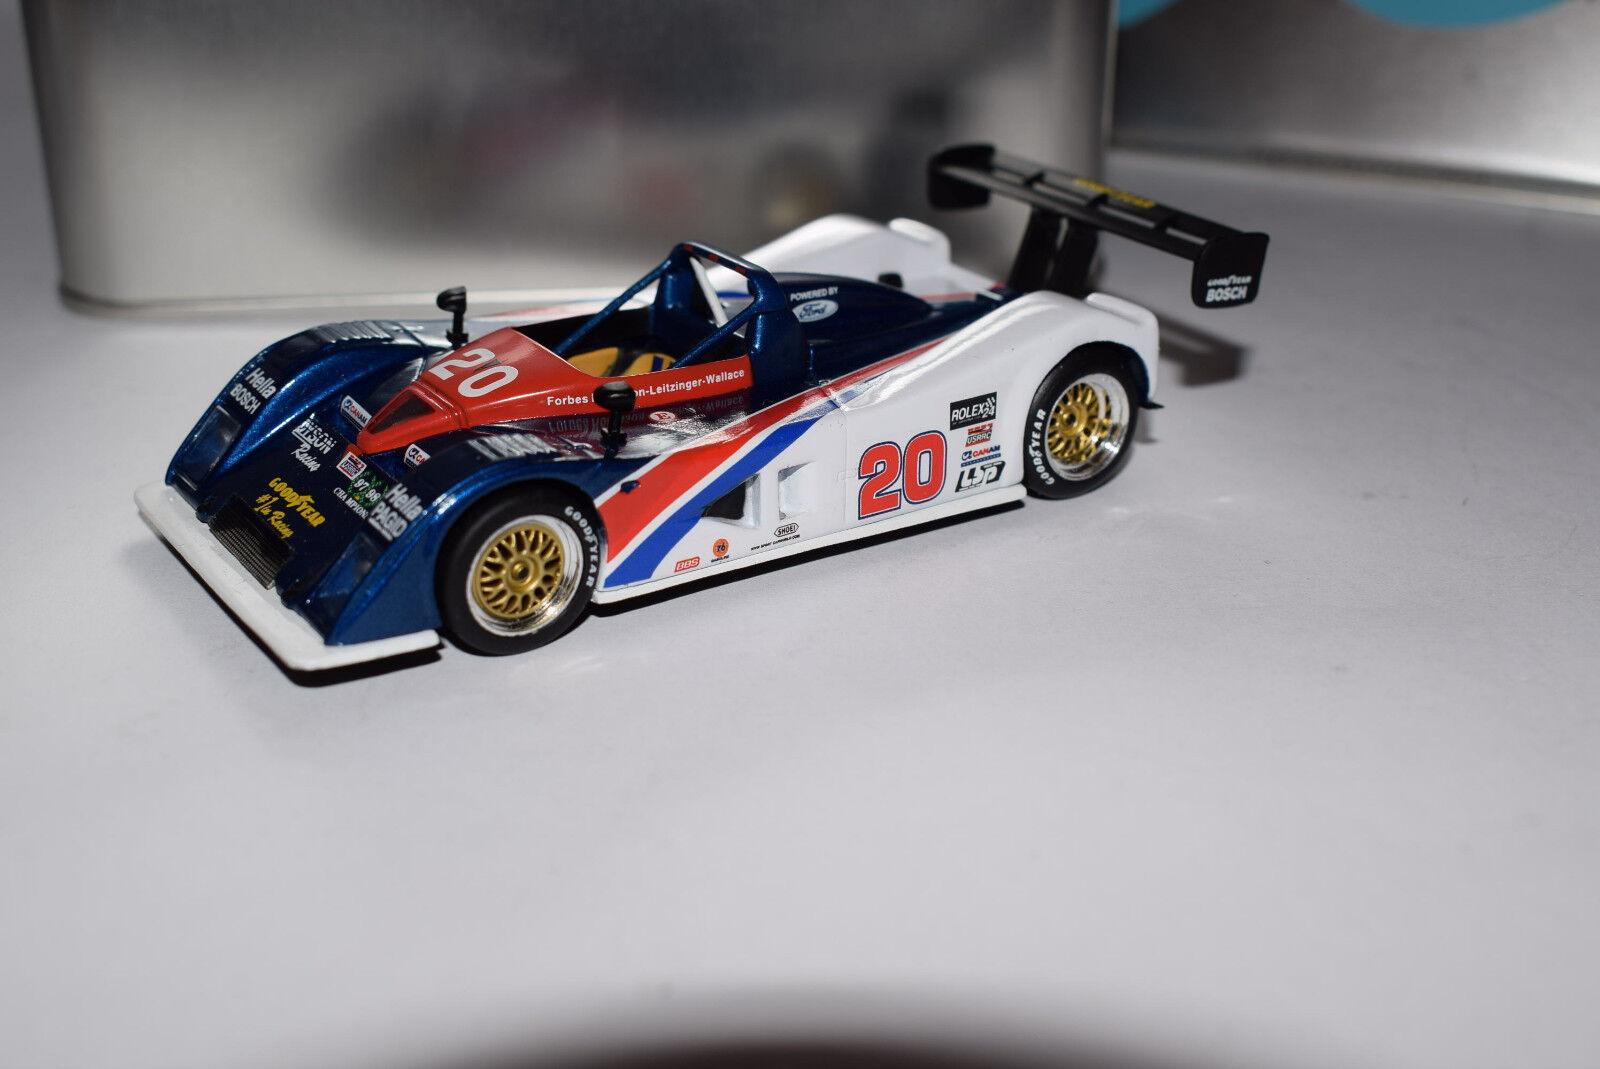 Spark  scrs 05, Riley & Scott MkIII-Ford winner 24h Daytona 1999 1 43 OVP